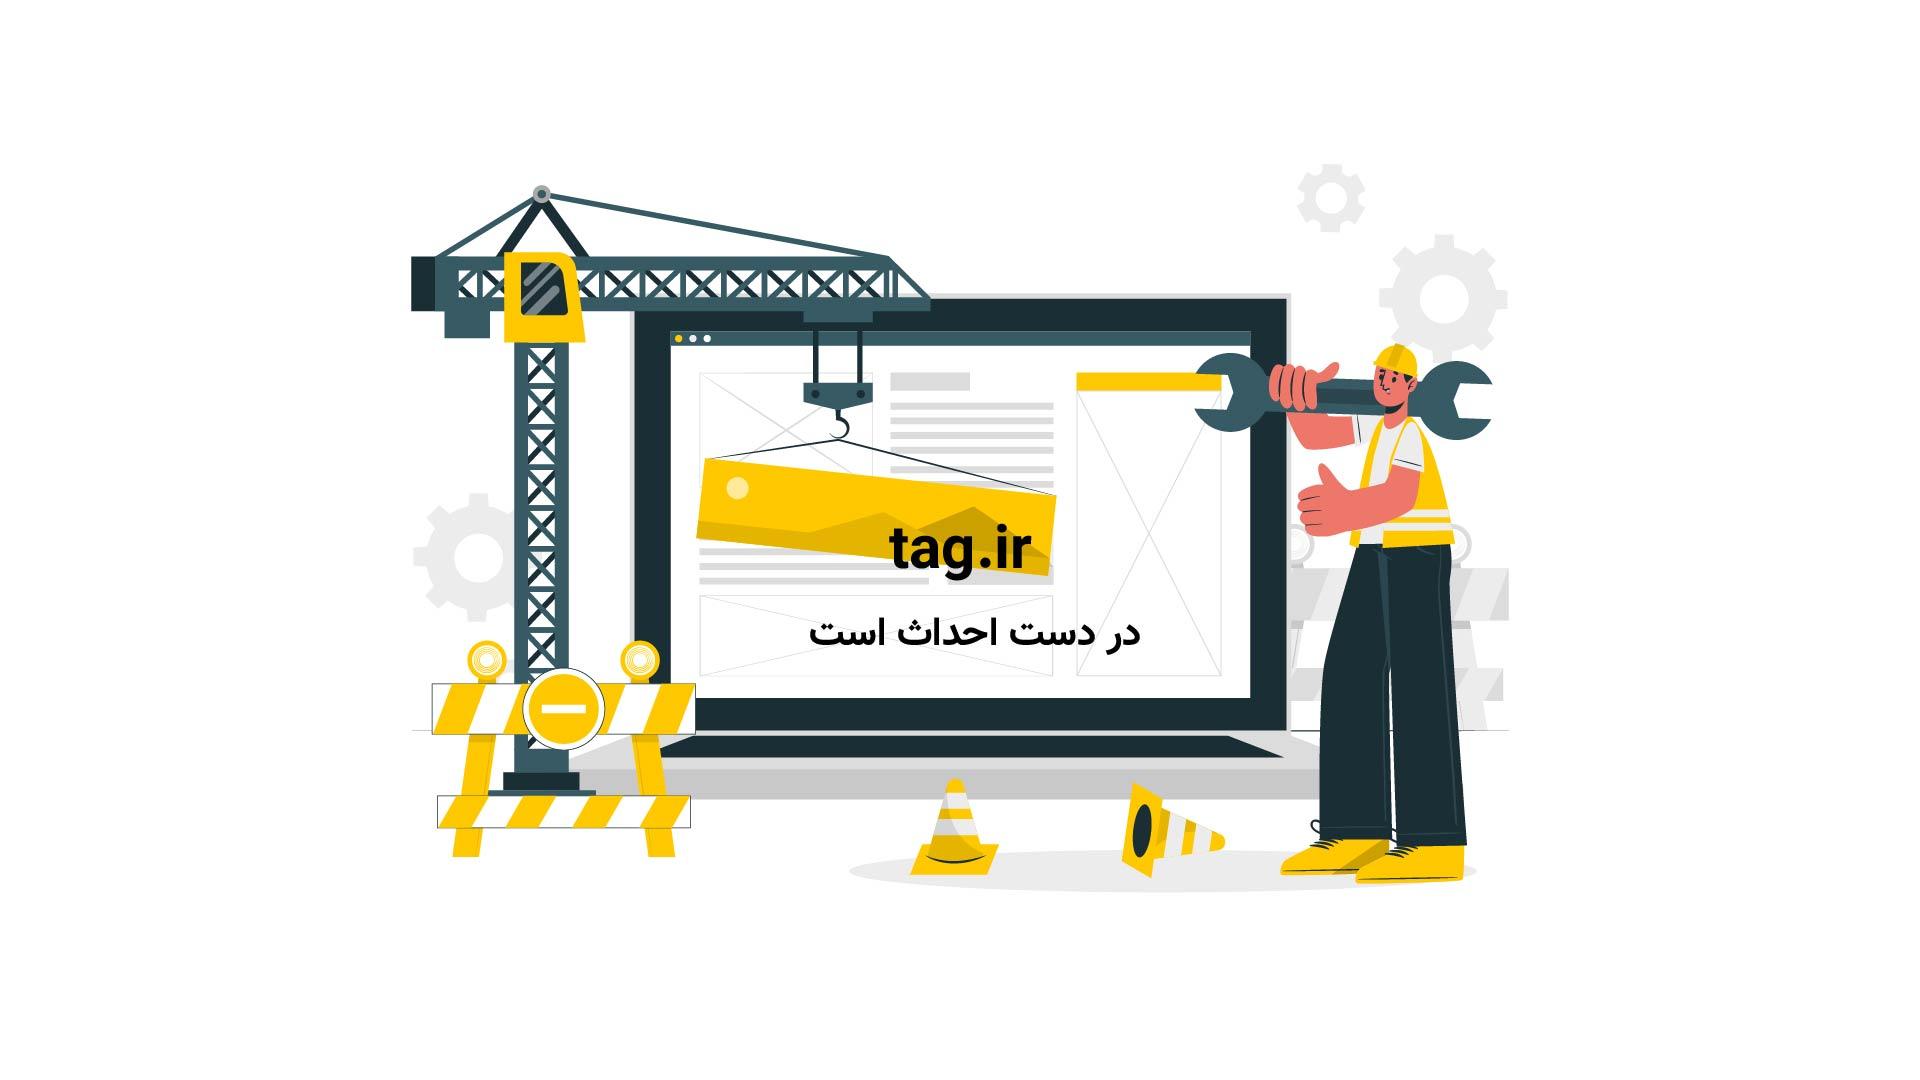 داعشی-لباس-زنانه | تگ